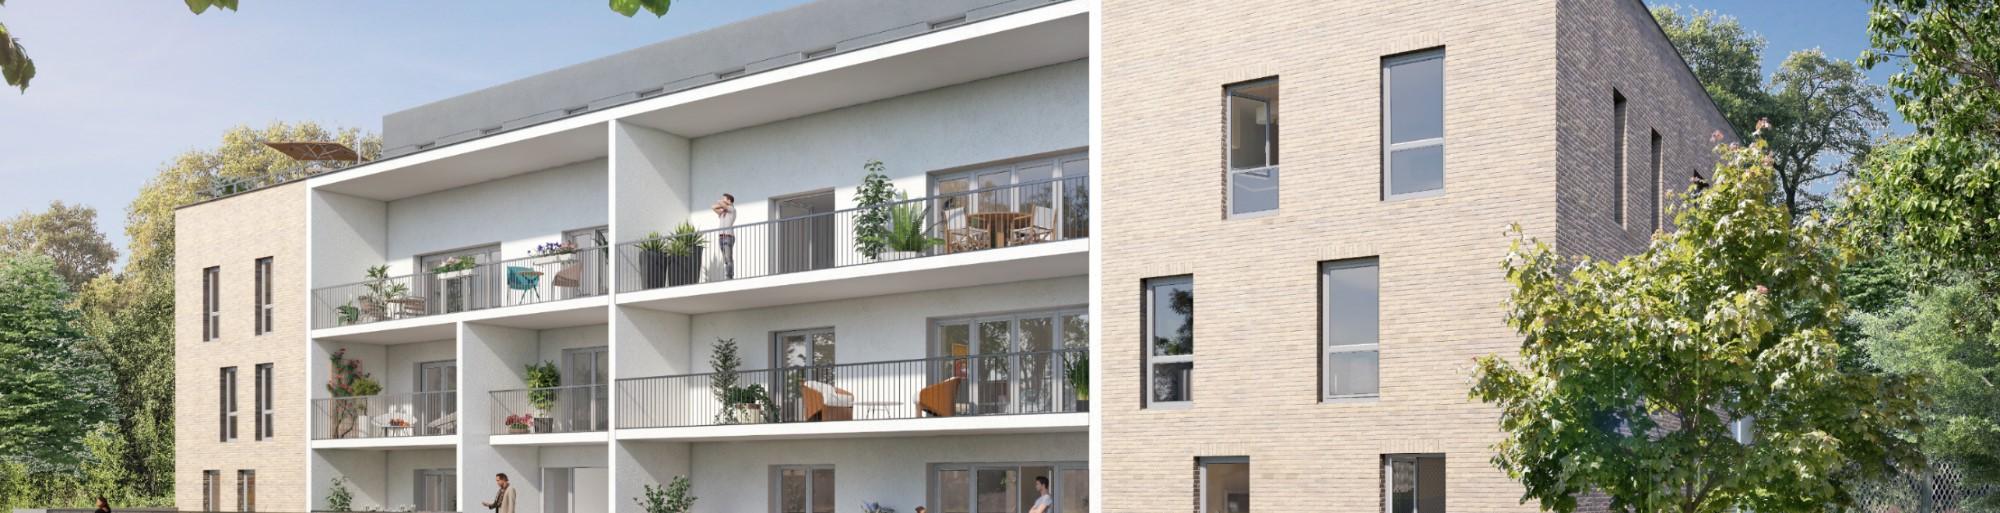 Achat location de maisons et appartements neufs sur reims for Location maison reims et alentours